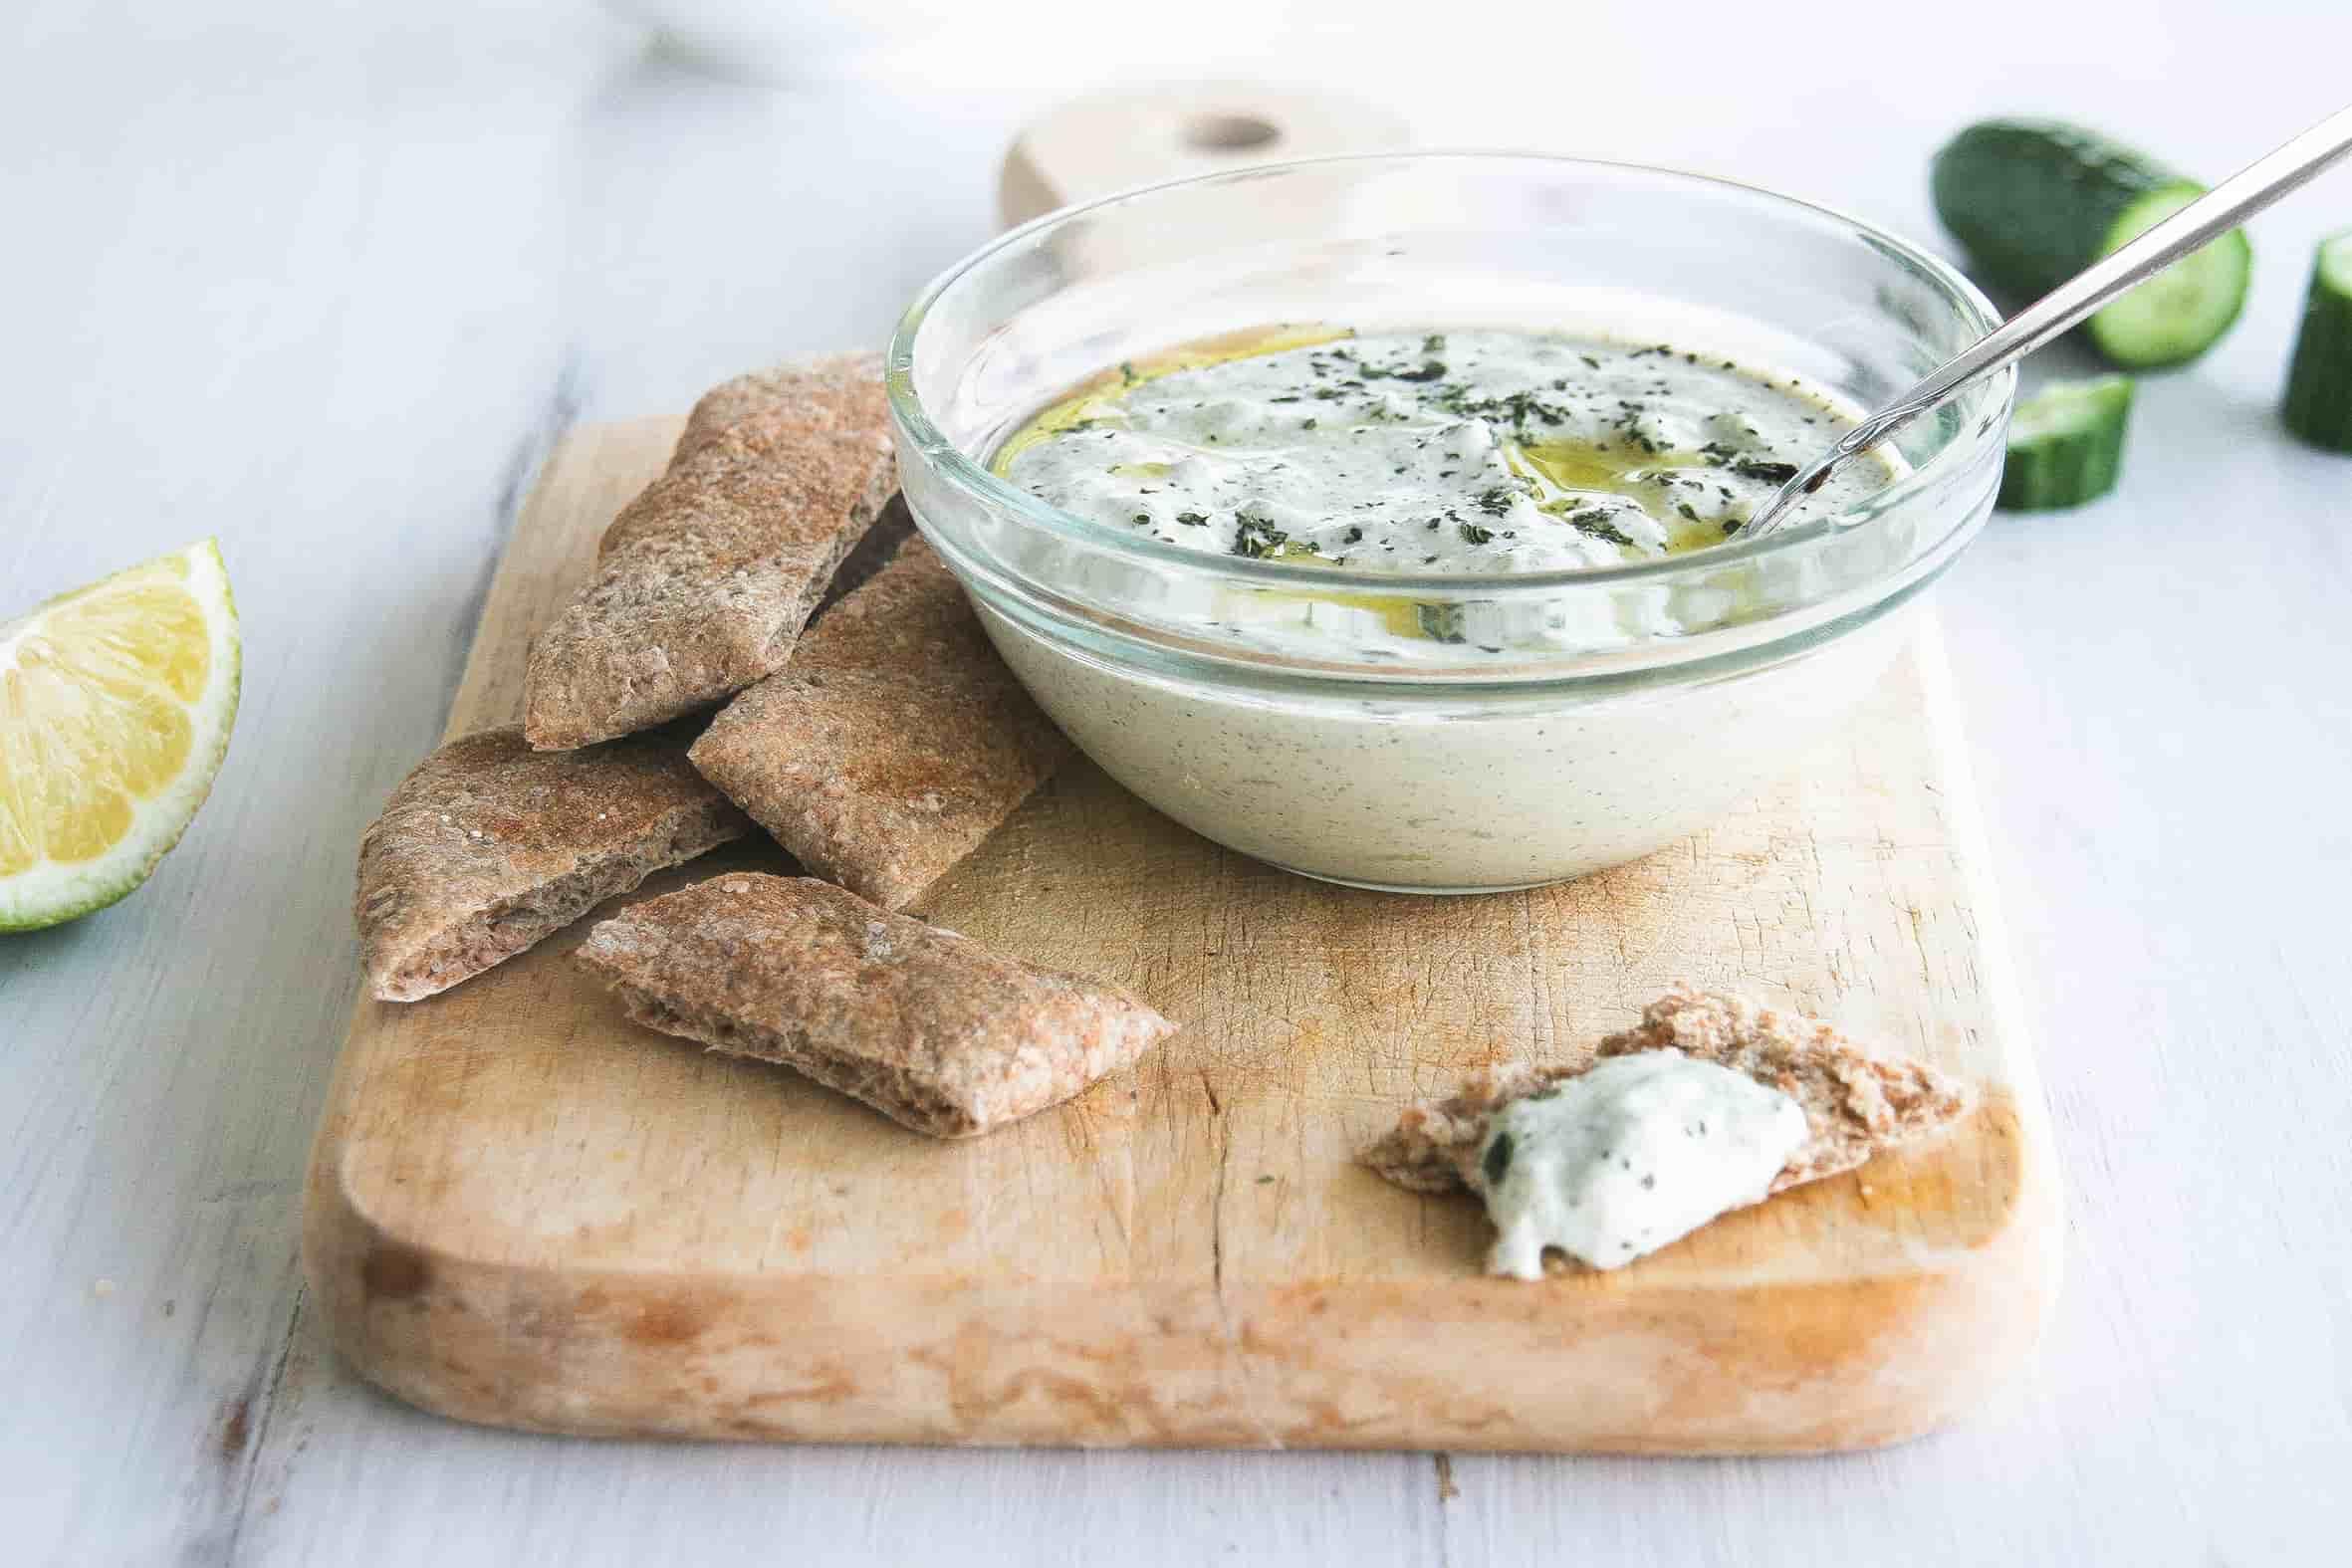 Vegan-tzatziki-dip-recipe-starters-sides-4